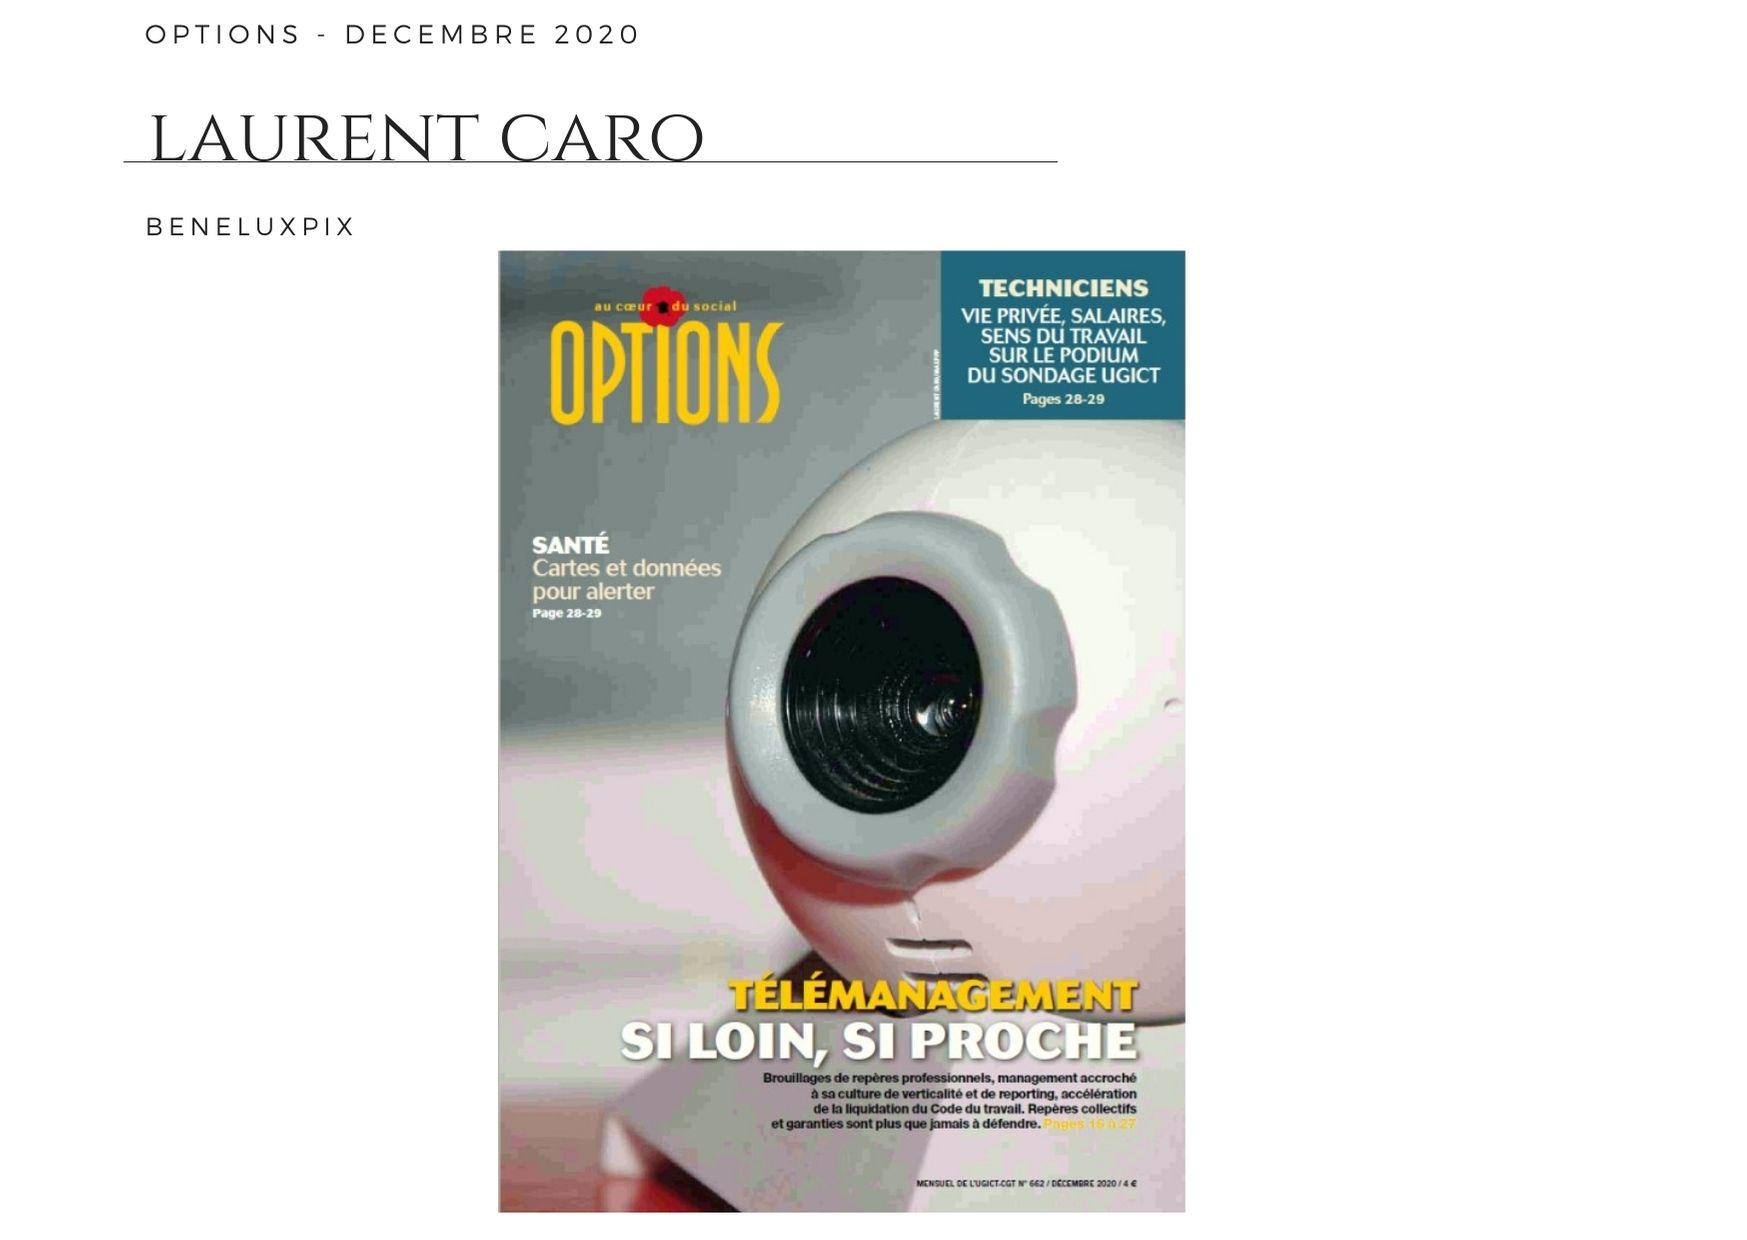 parutions-options-Options - Décembre 2020